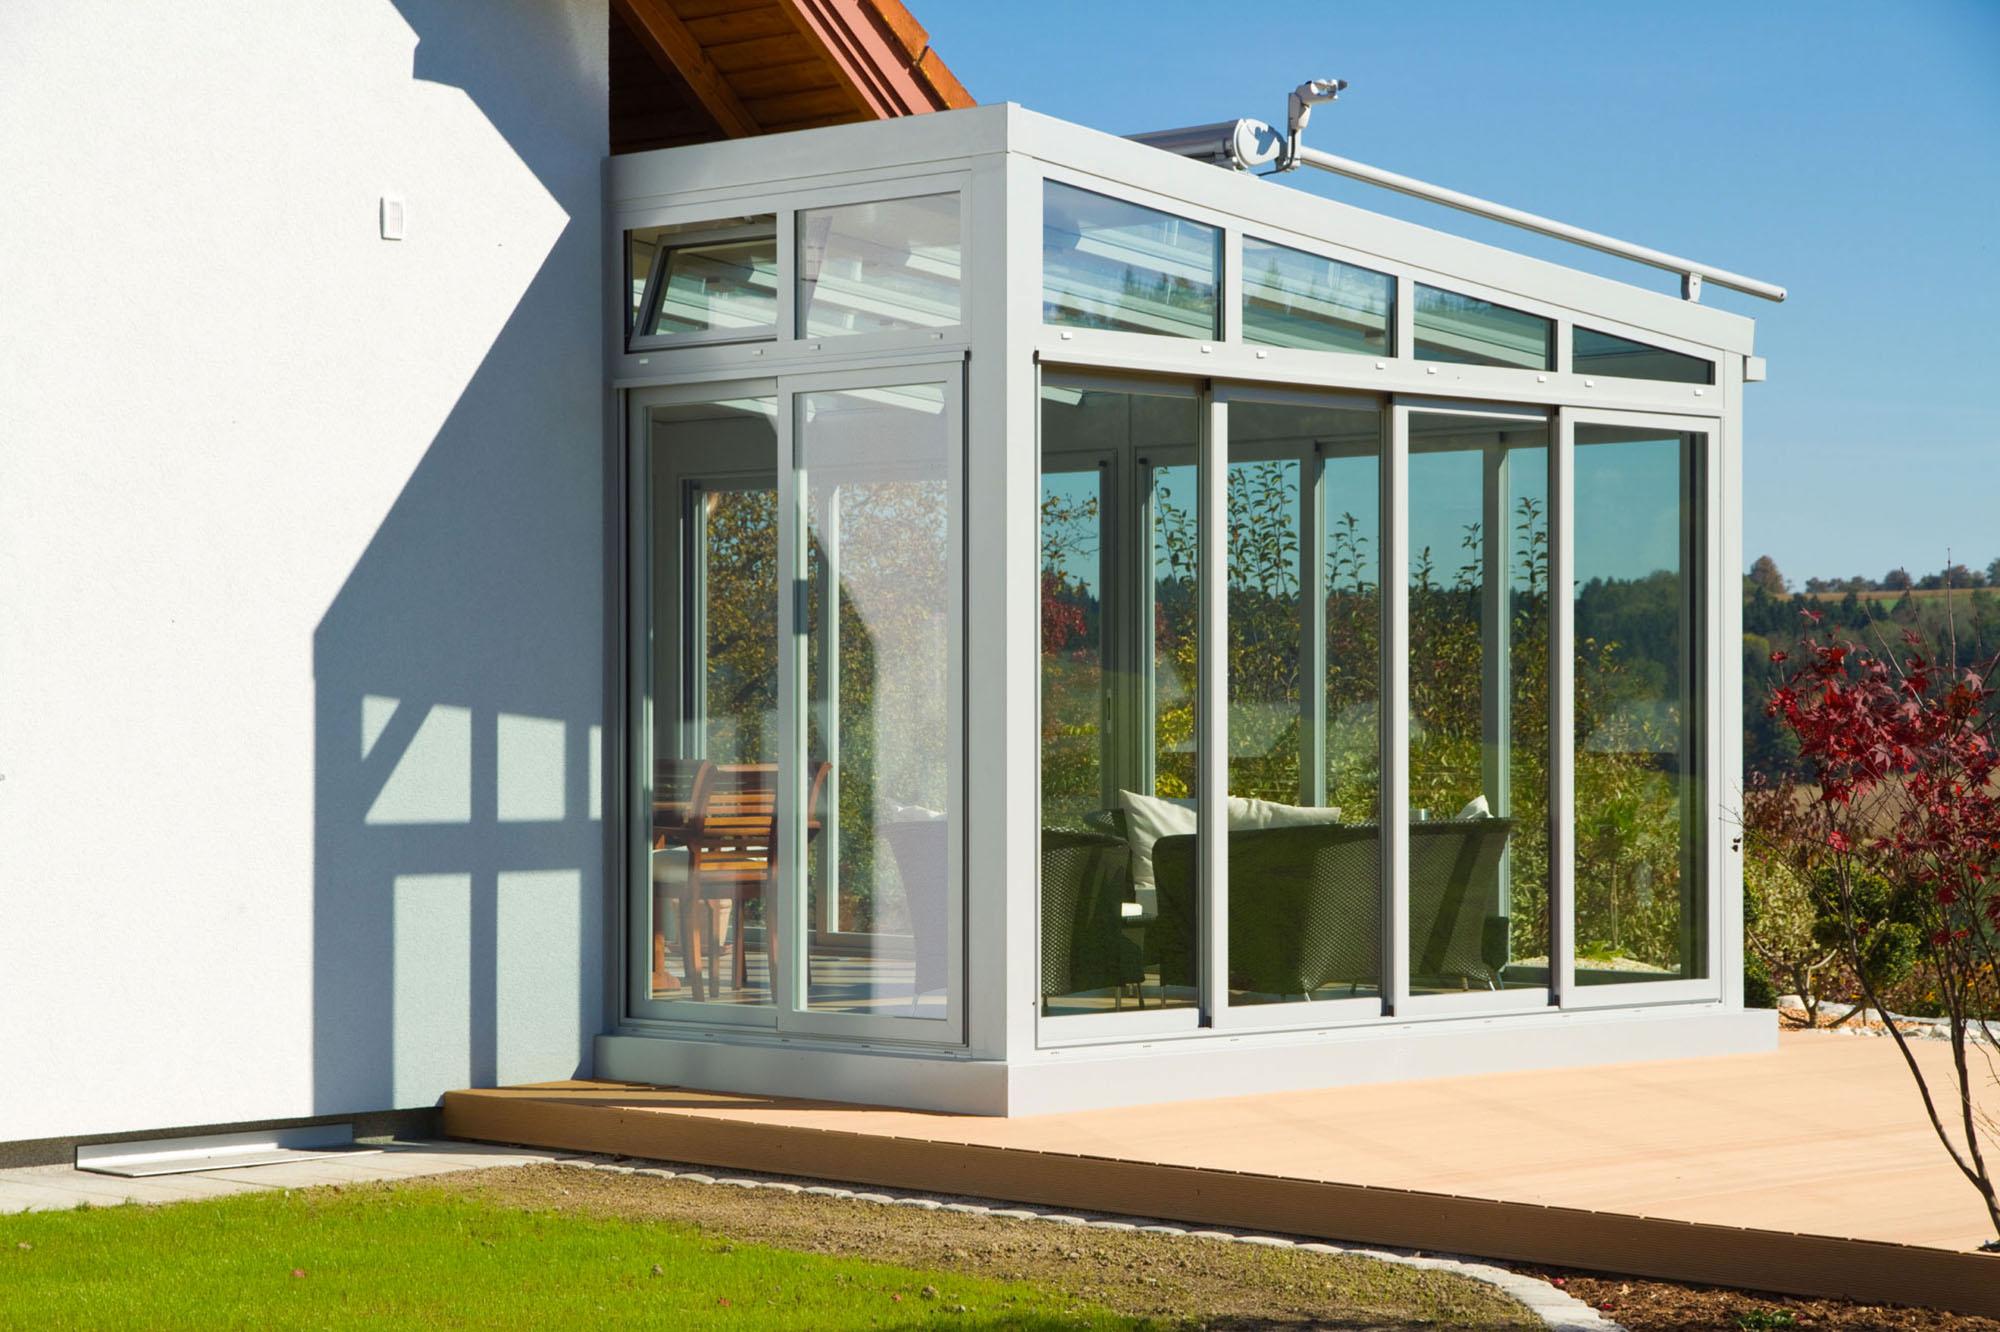 weißer Wintergarten - Classic als Immobilienaufwertung